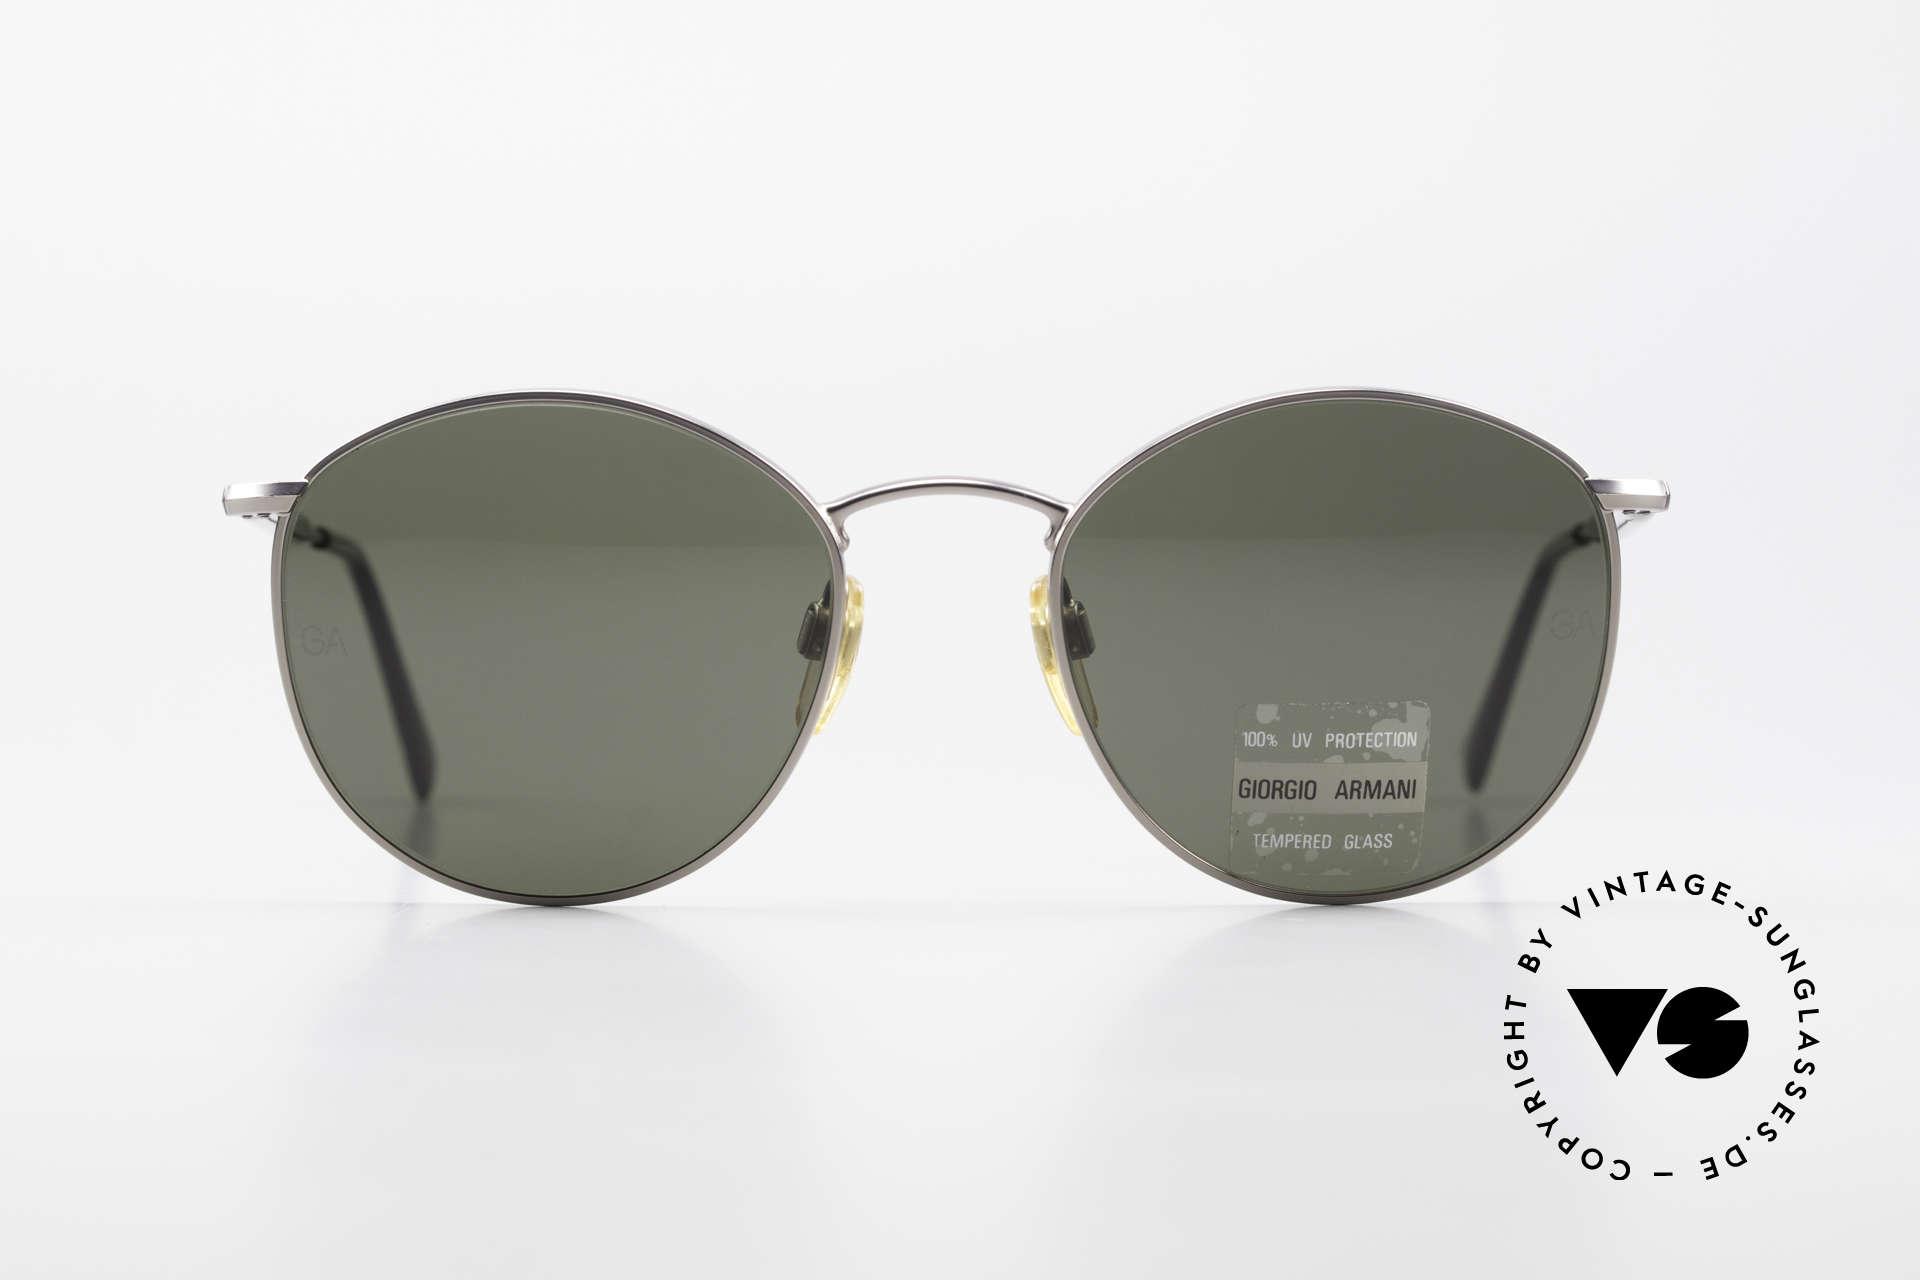 Giorgio Armani 627 Vintage Panto Sonnenbrille, klassische PANTO-Form in Größe 51/19, (126mm), Passend für Herren und Damen